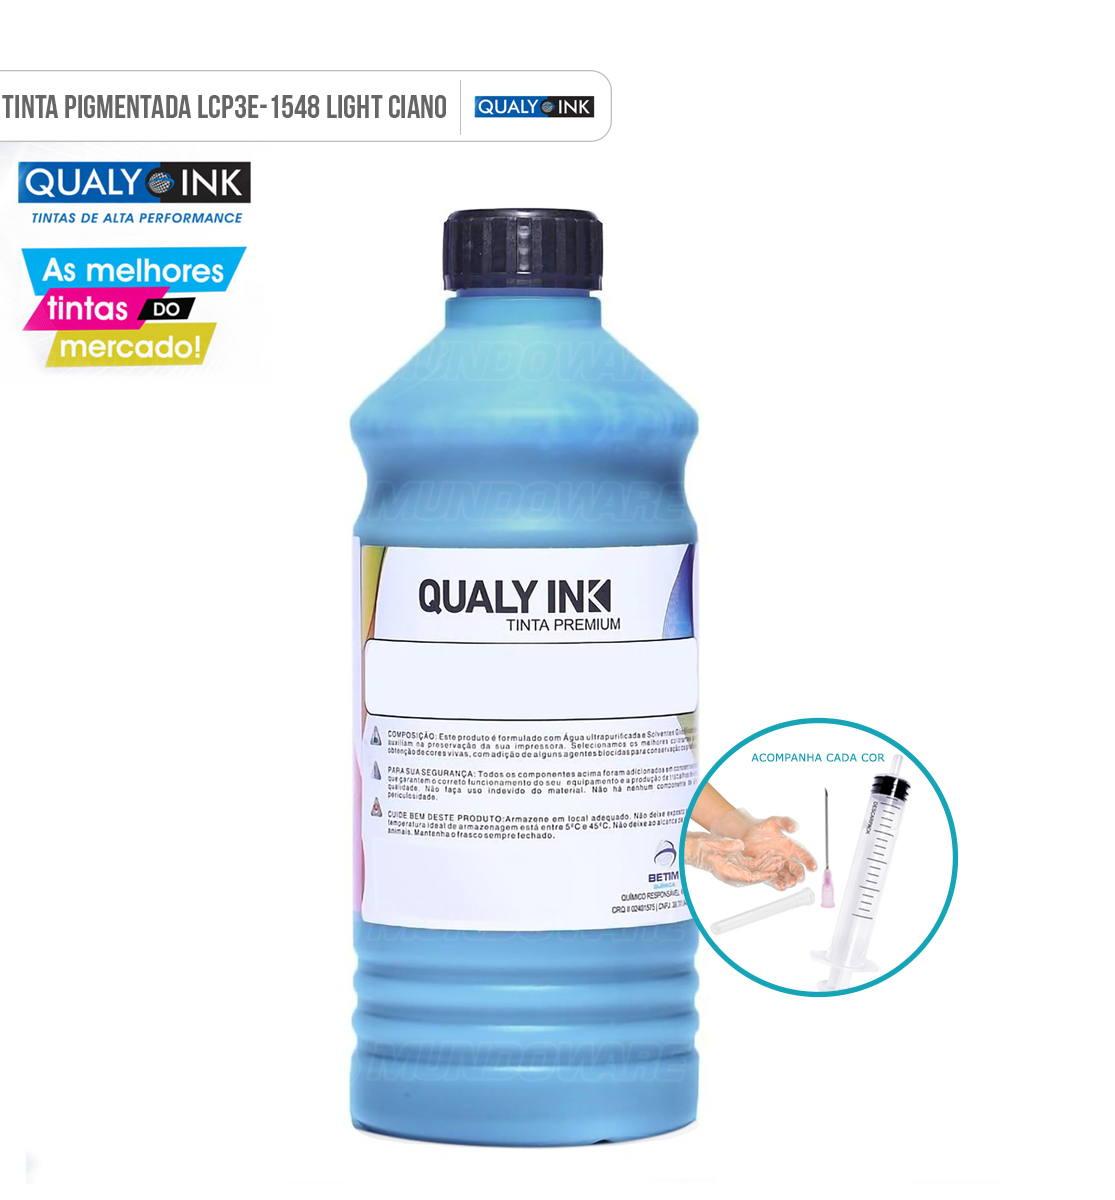 Refil de Tinta Qualy-Ink para Epson EcoTank L800 L805 L810 L850 L1800 Ciano Light Pigmentado